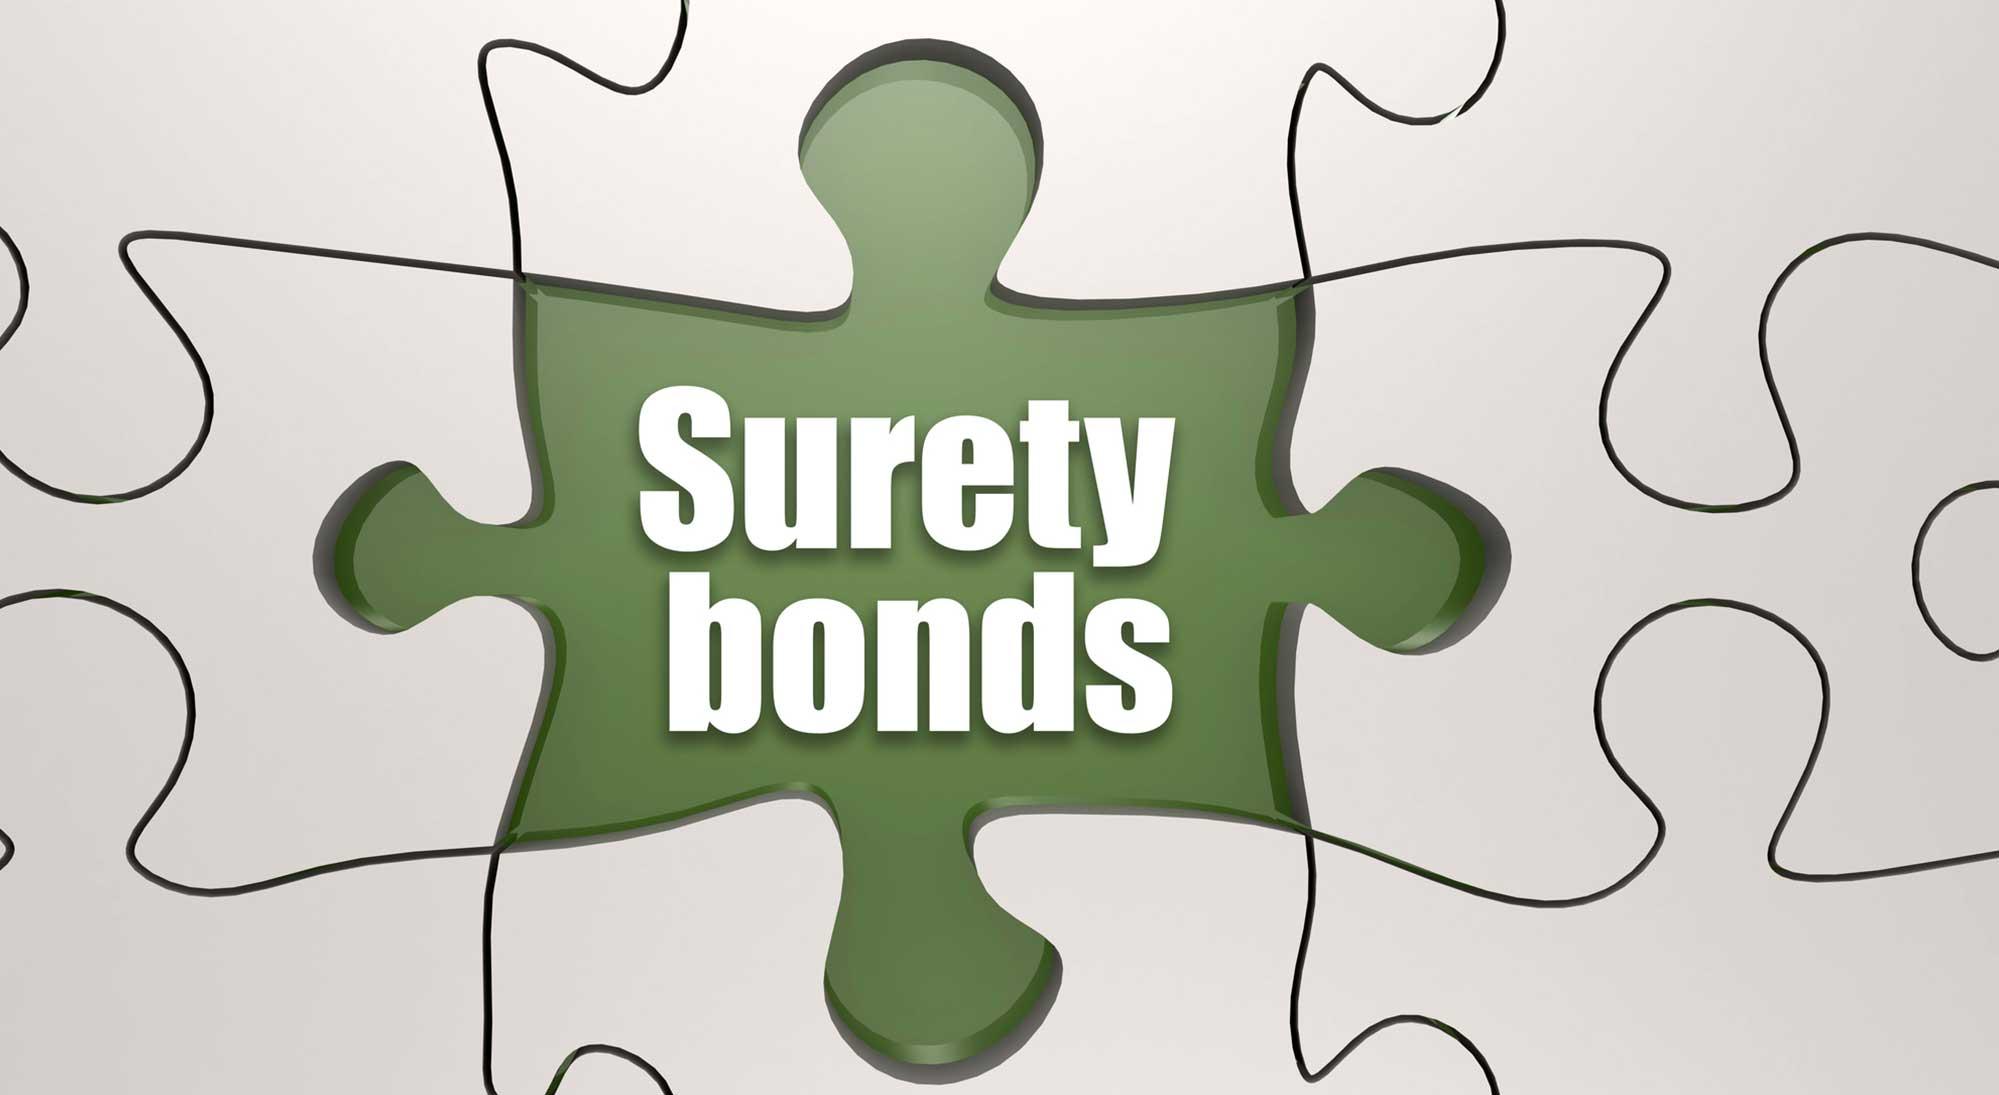 surety-bonds-mission